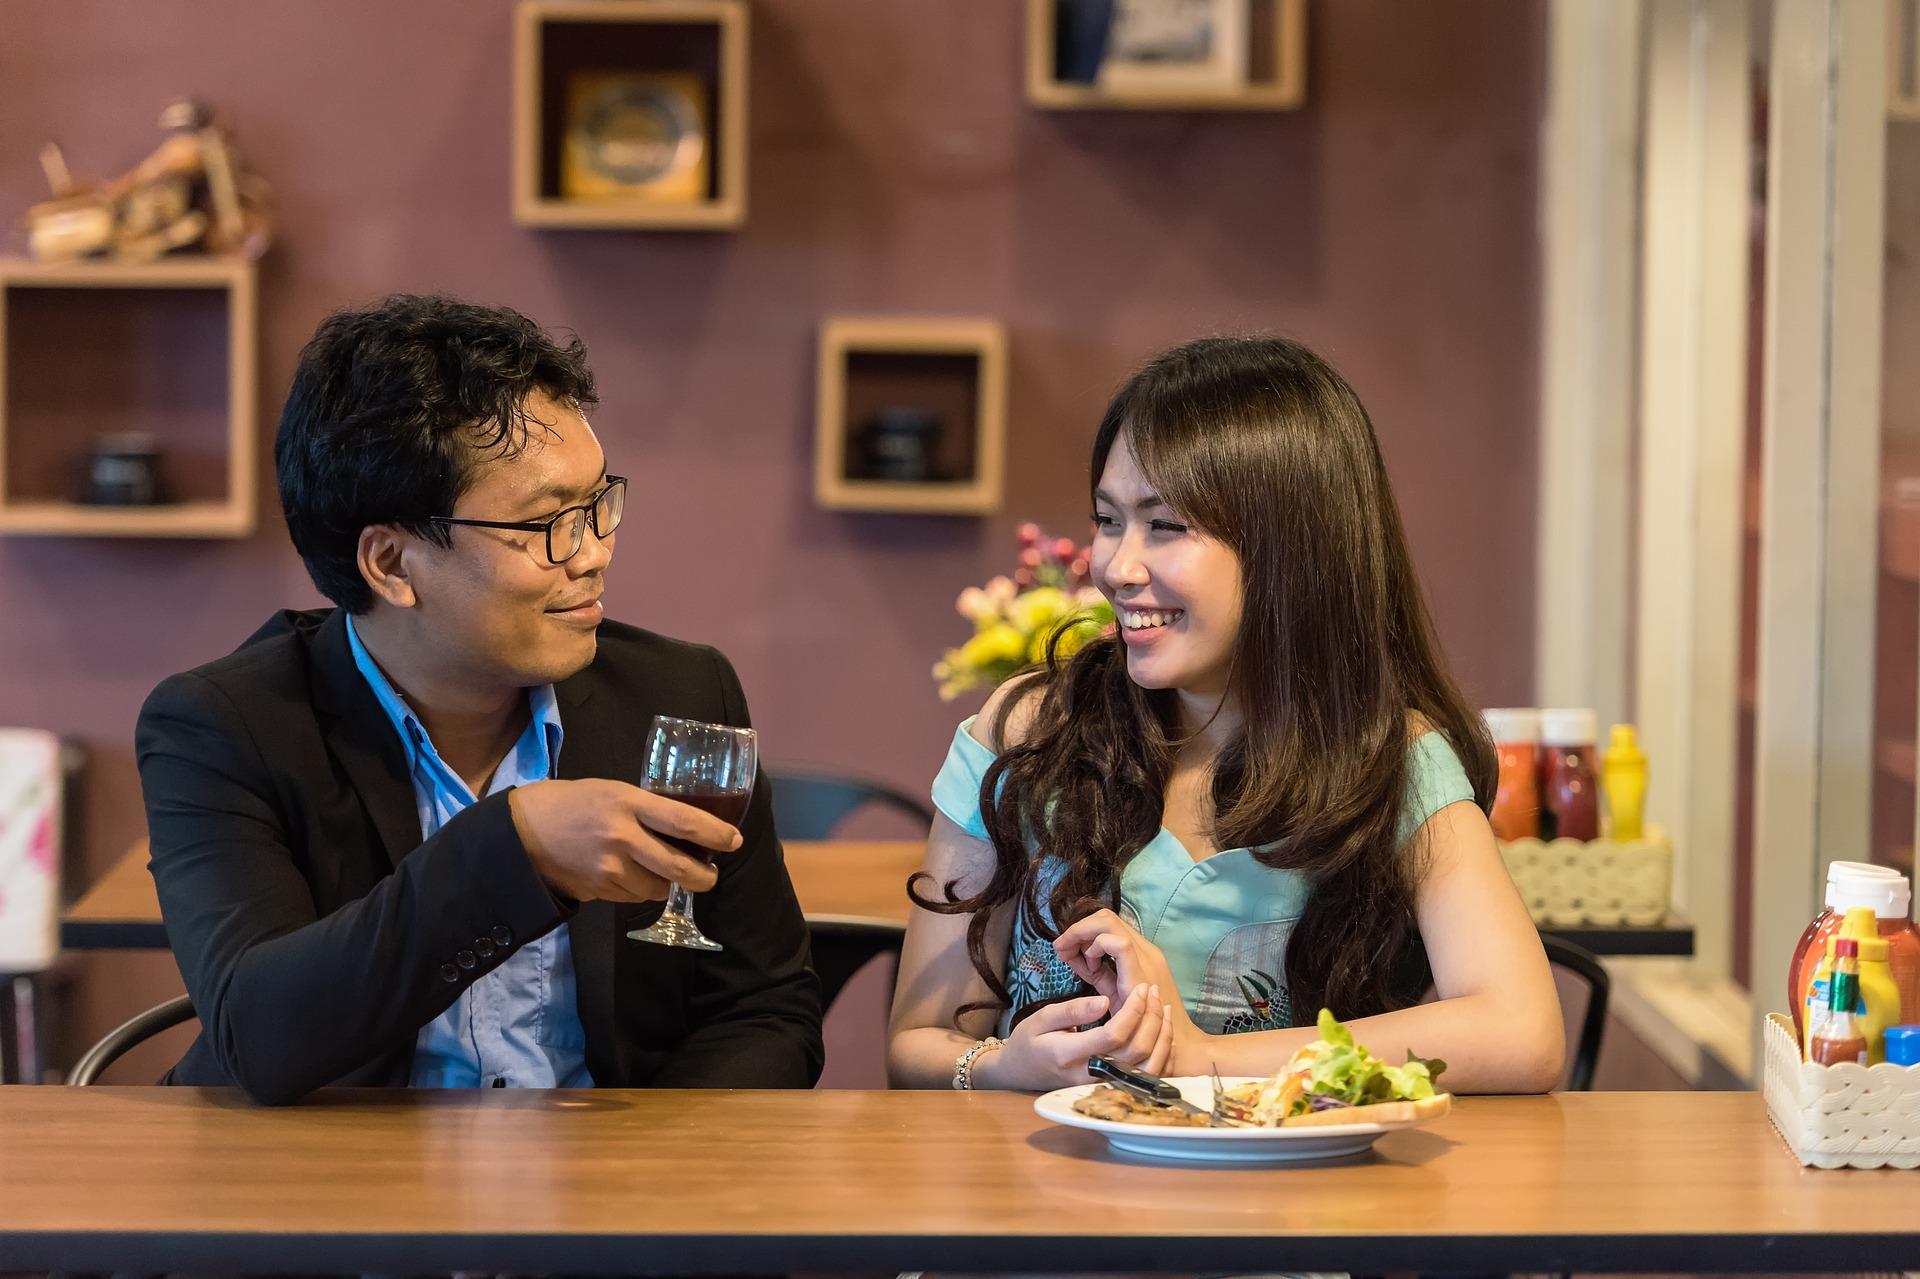 restaurant-1807617_1920.jpg